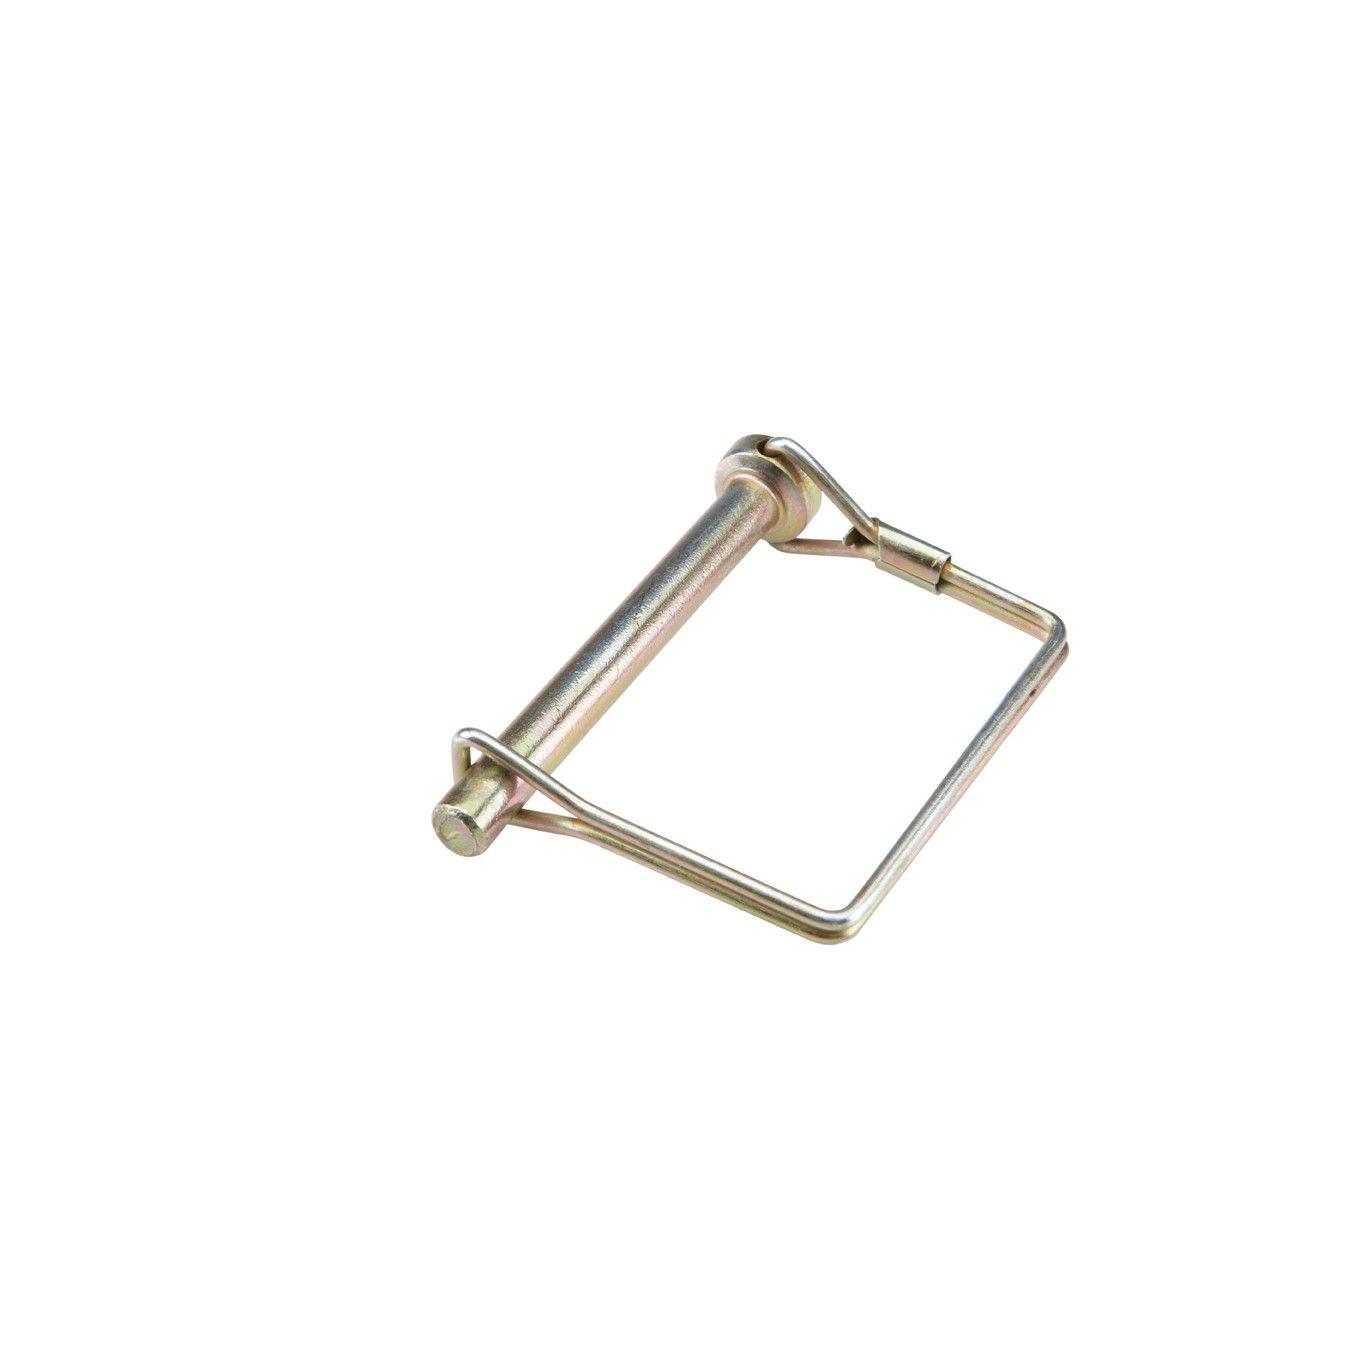 Square Bail PTO Lock Pin Trailers & Accessories